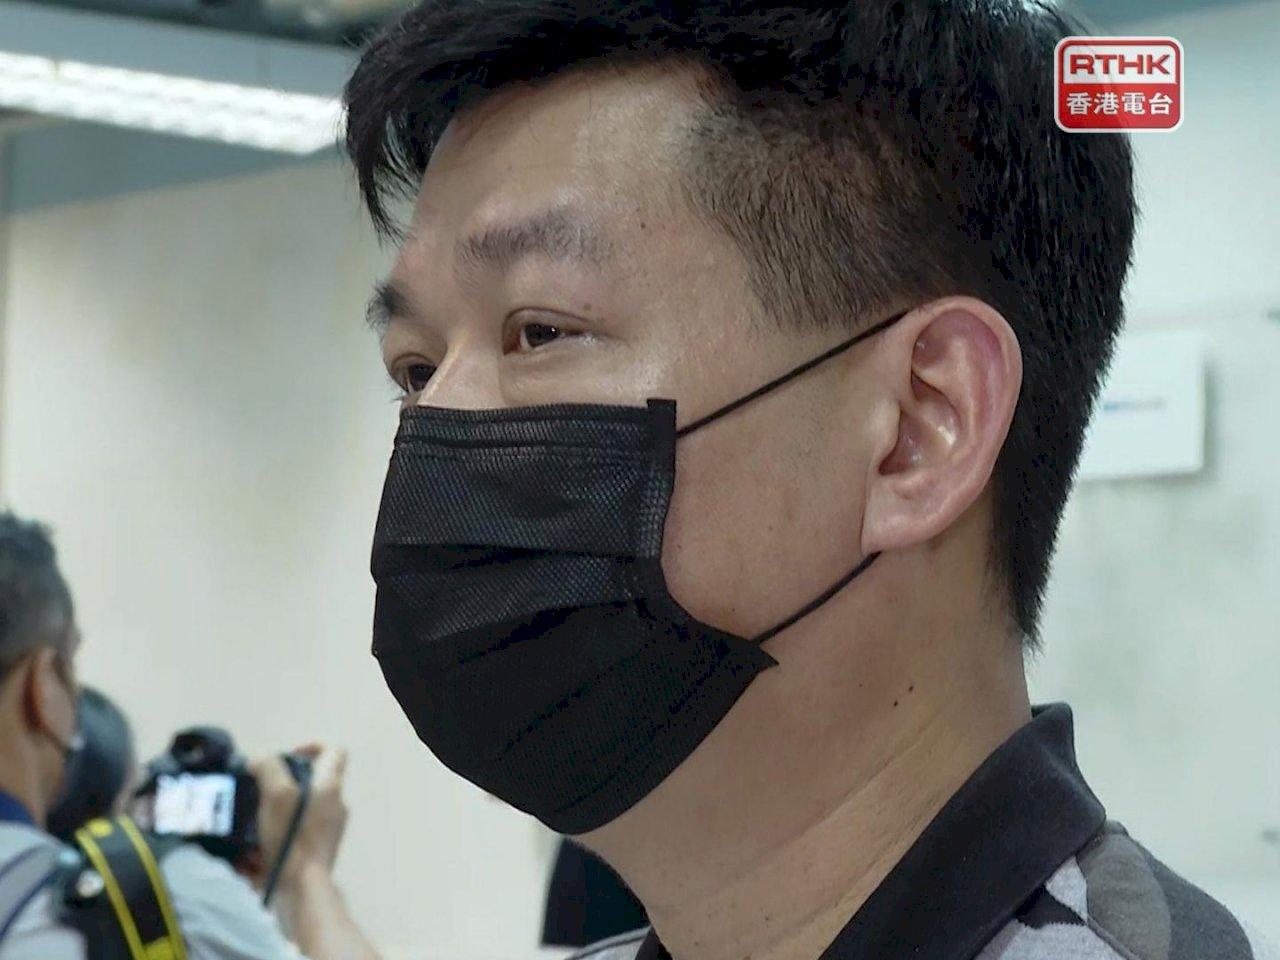 香港蘋果日報第9人 前總編林文宗涉國安法被捕